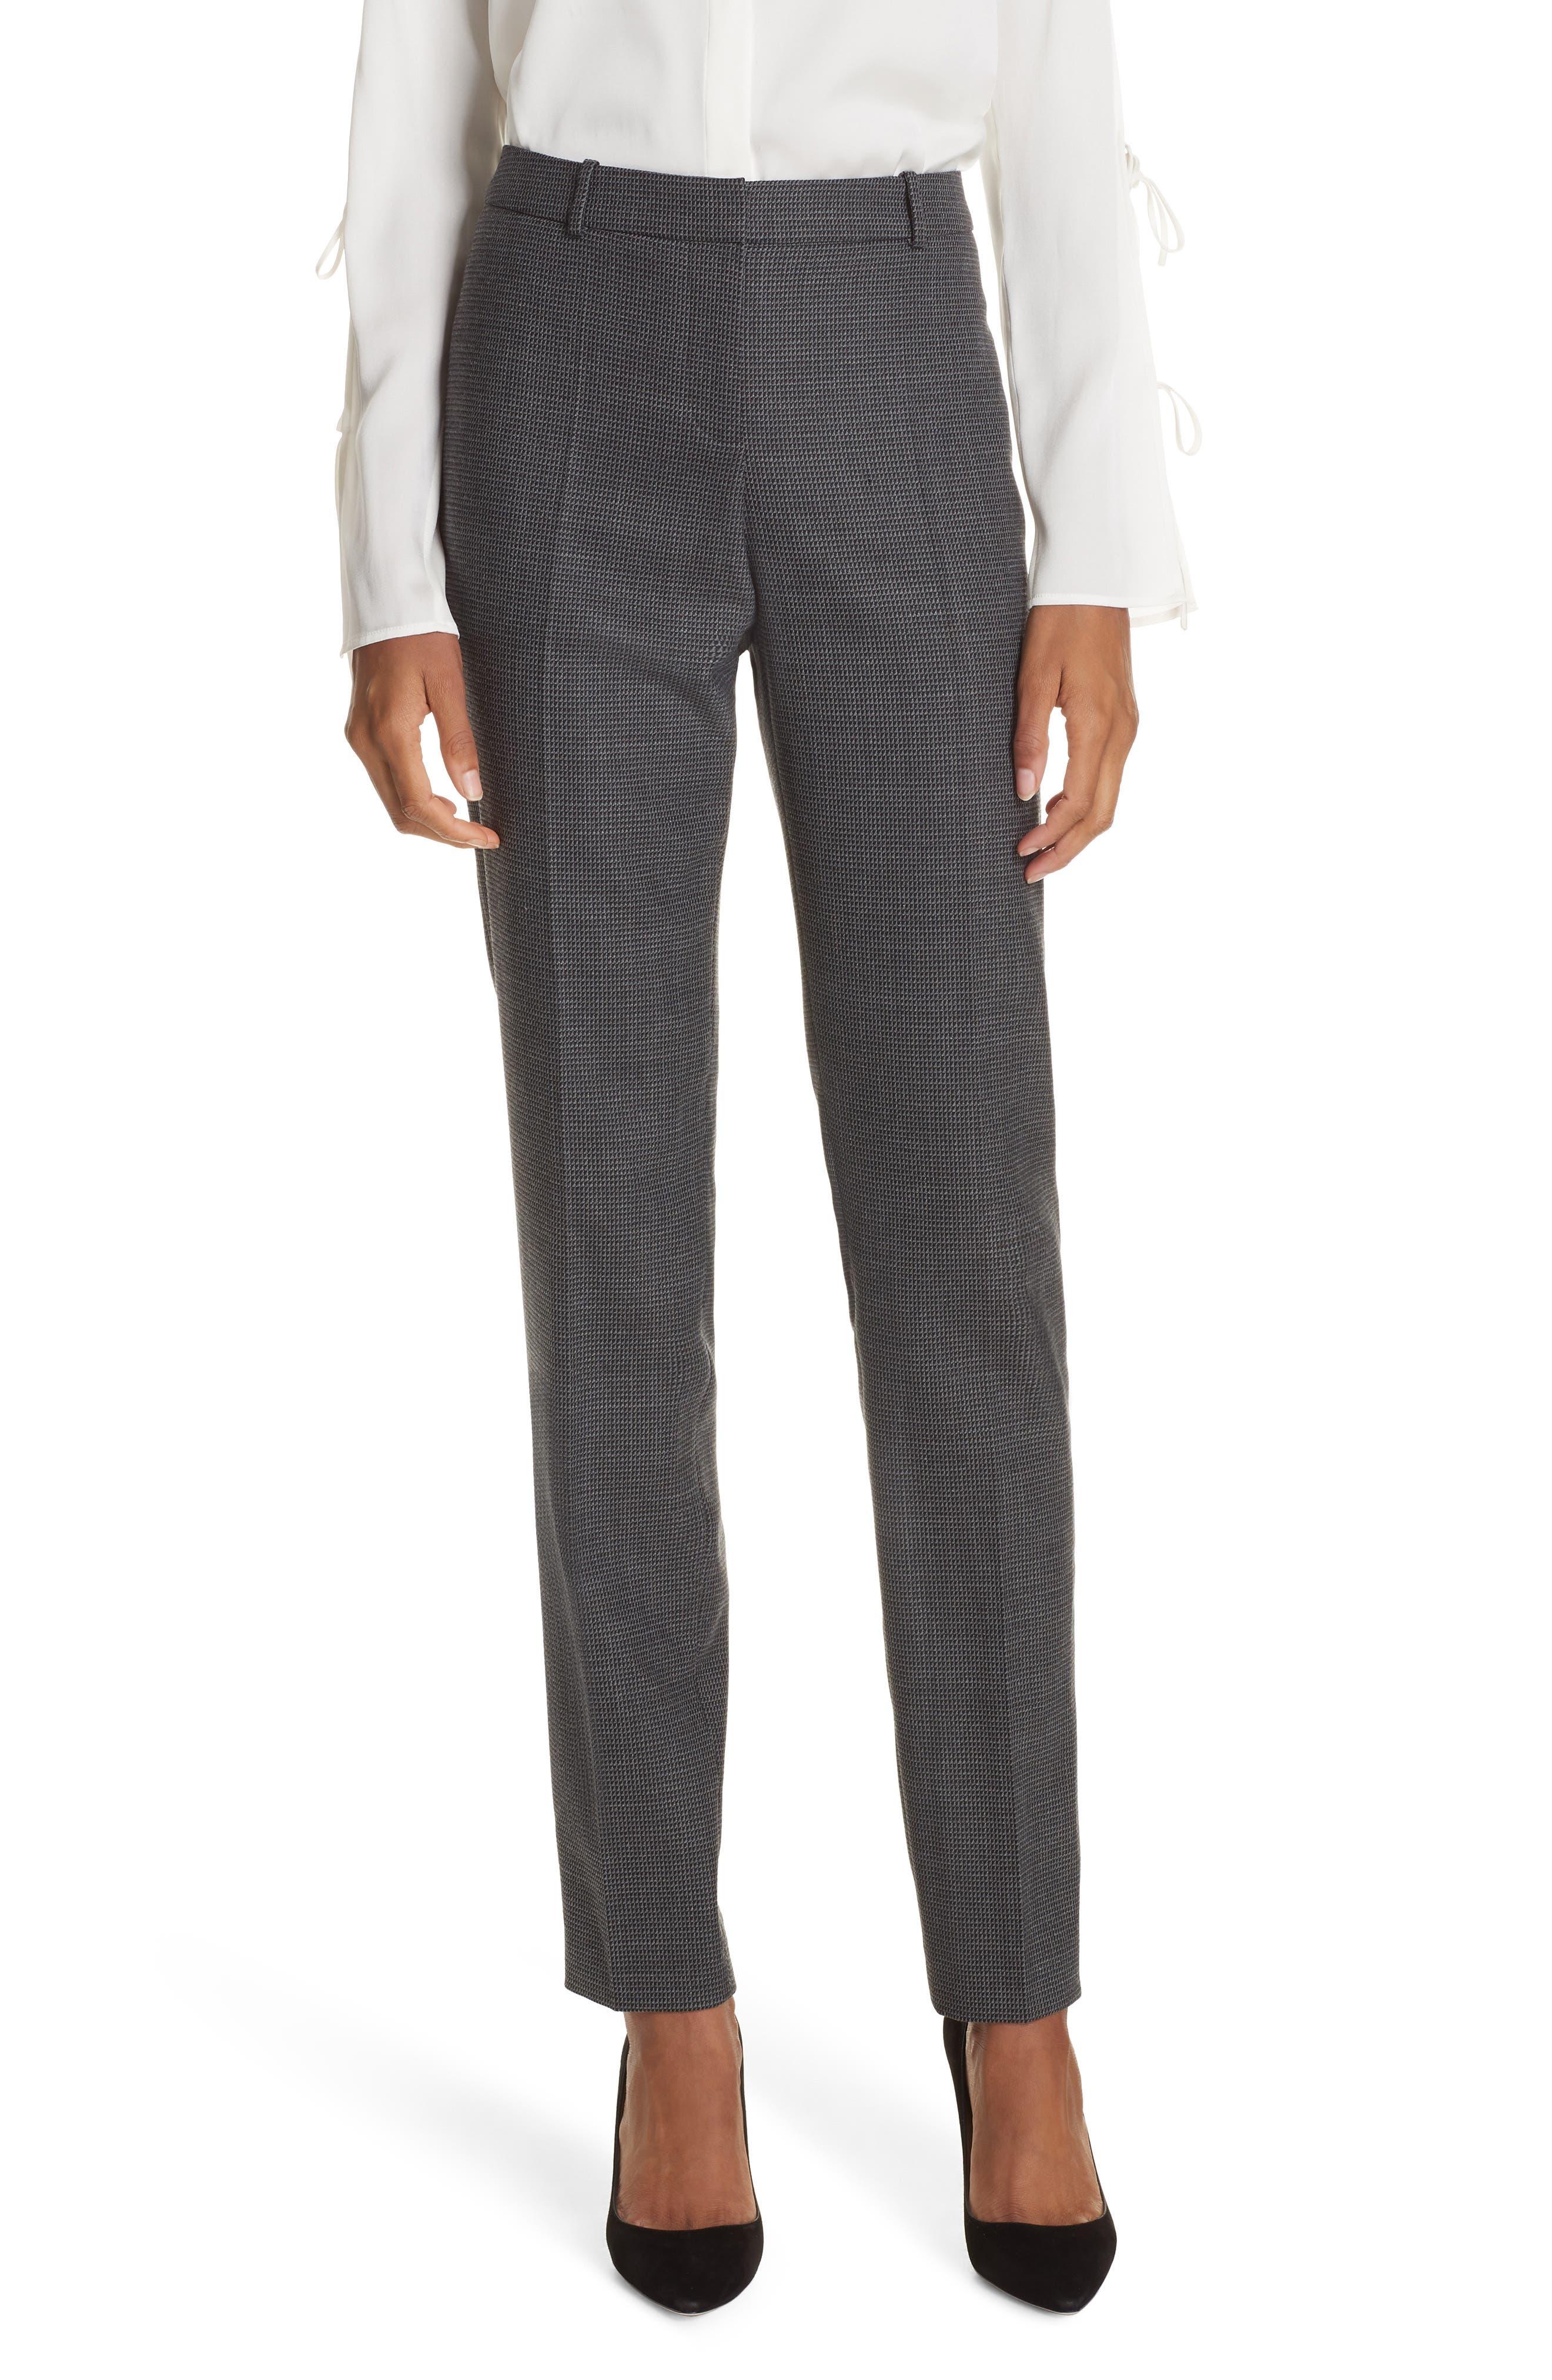 Tilunana Pinstripe Suit Trousers,                         Main,                         color, 020